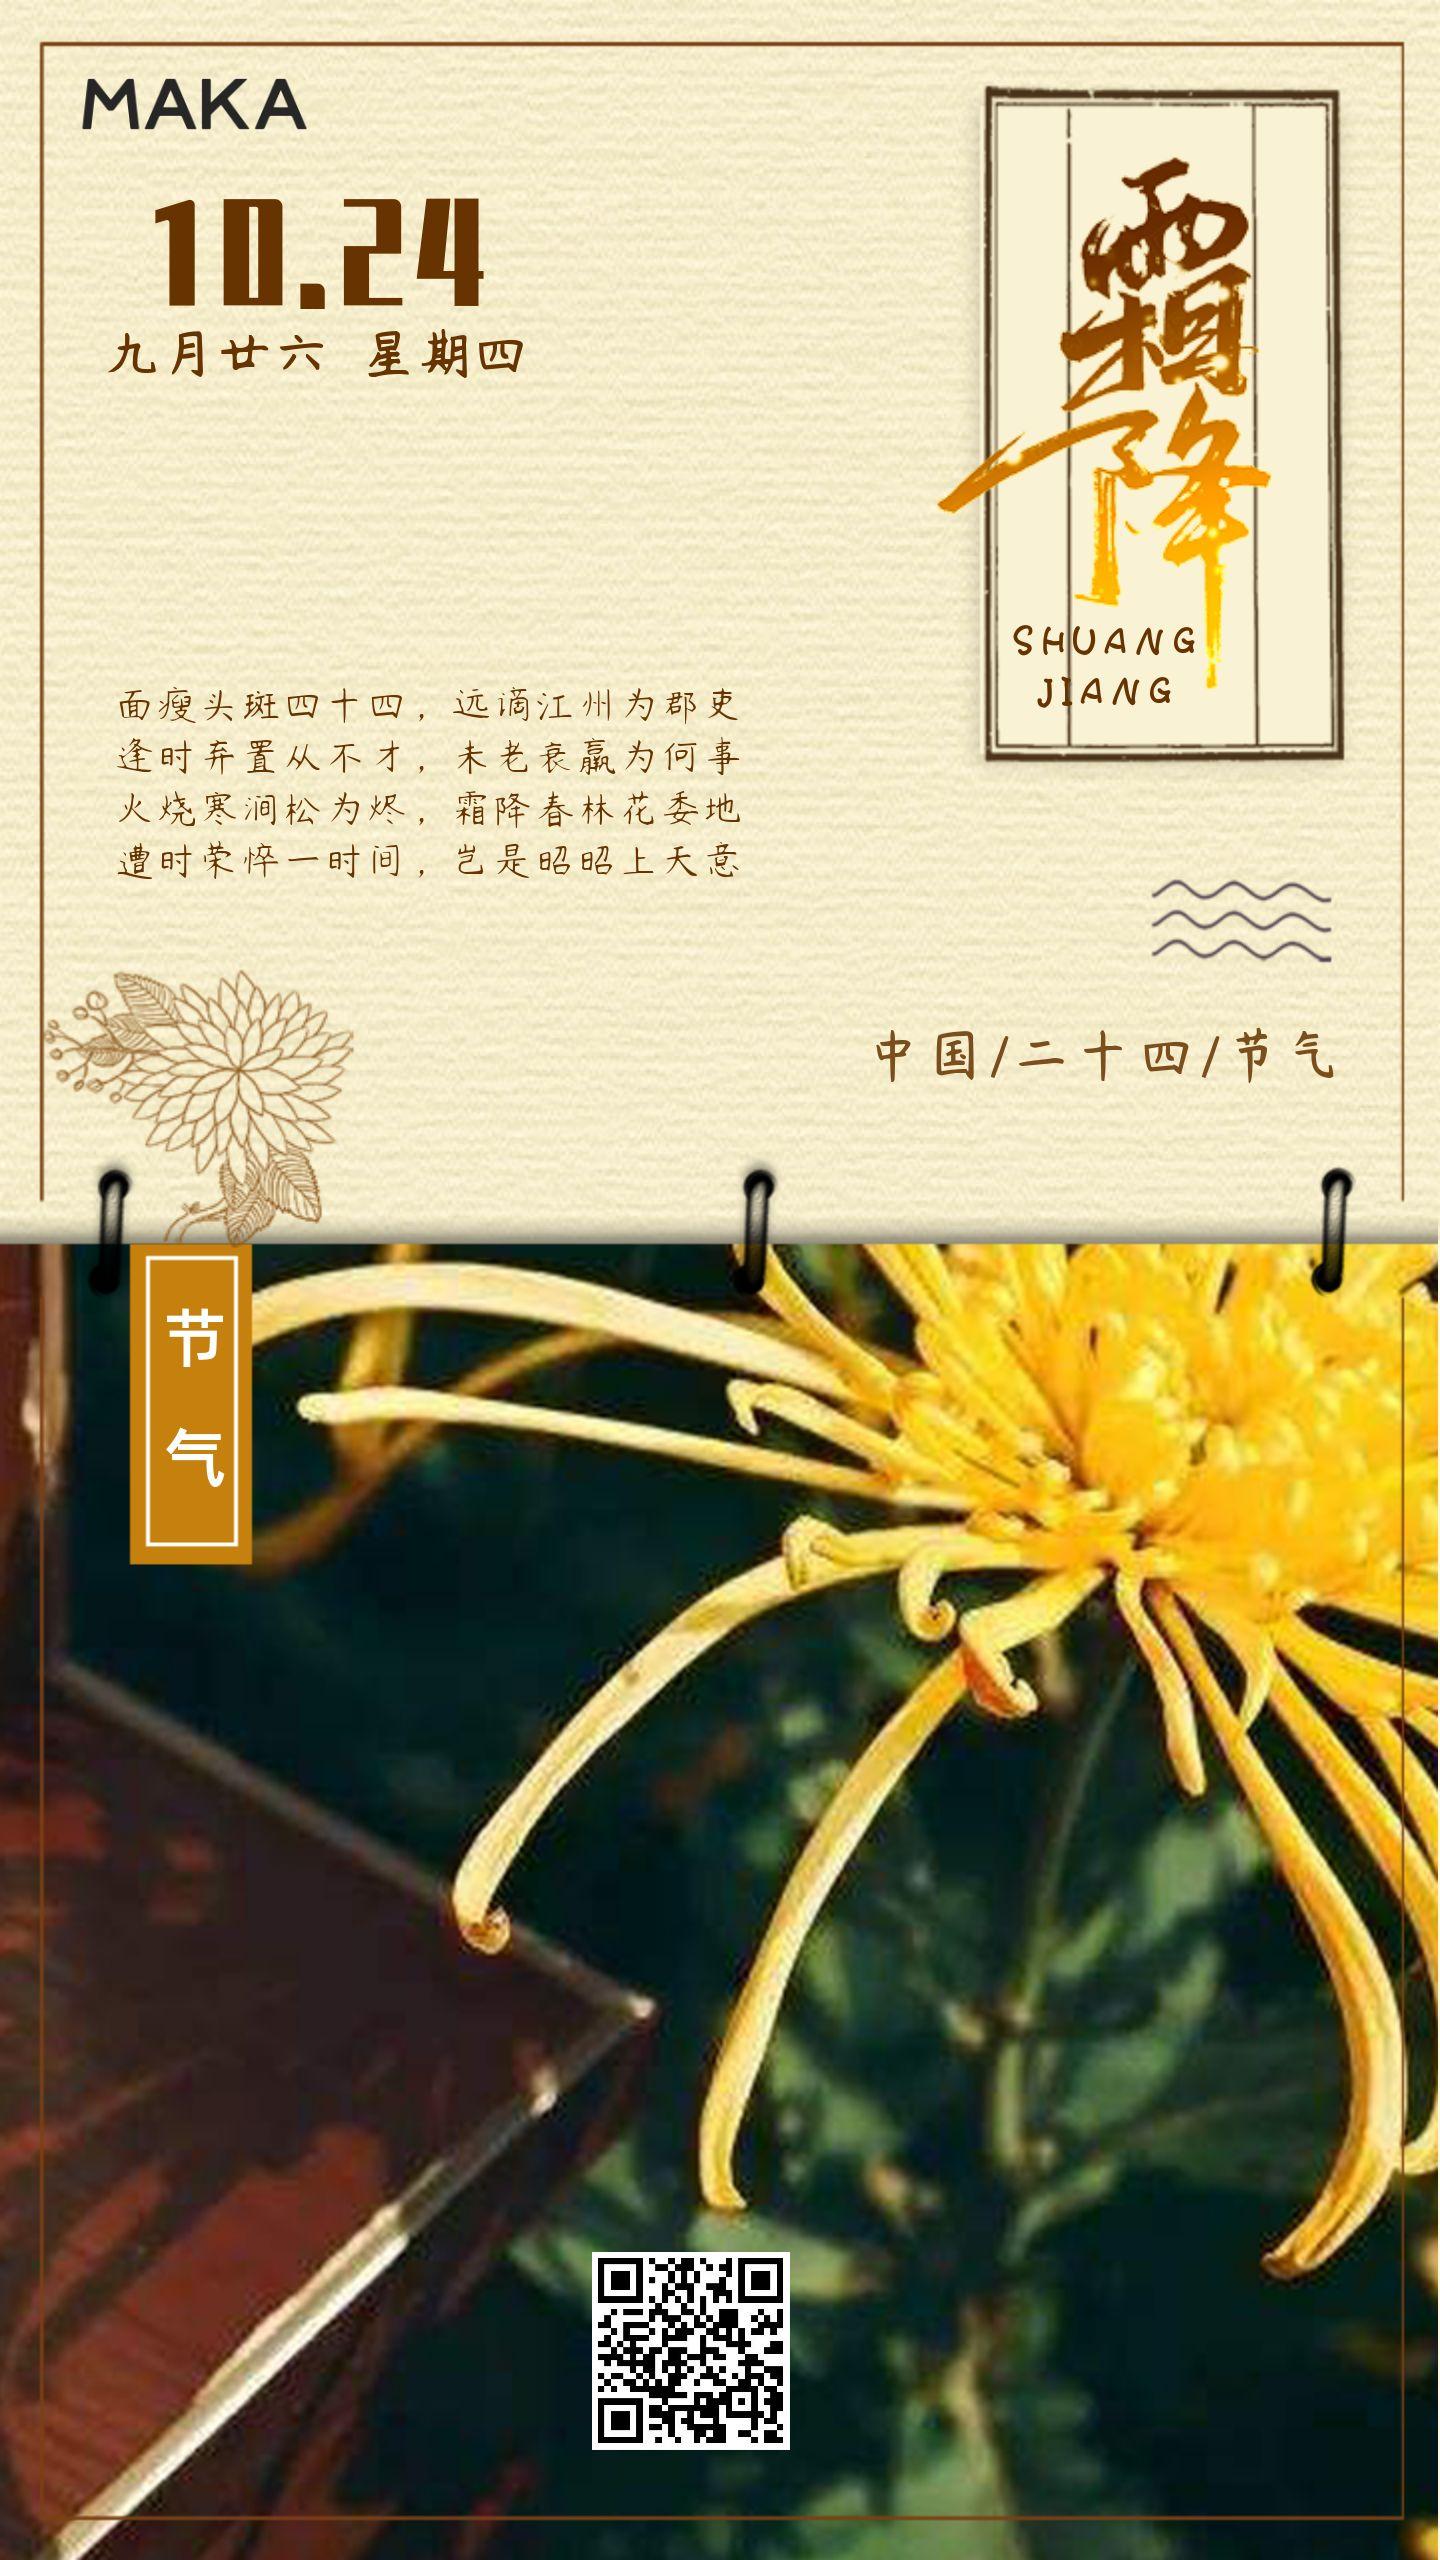 简约排版黄色色调二十四节气霜降文化日签宣传手机海报模版